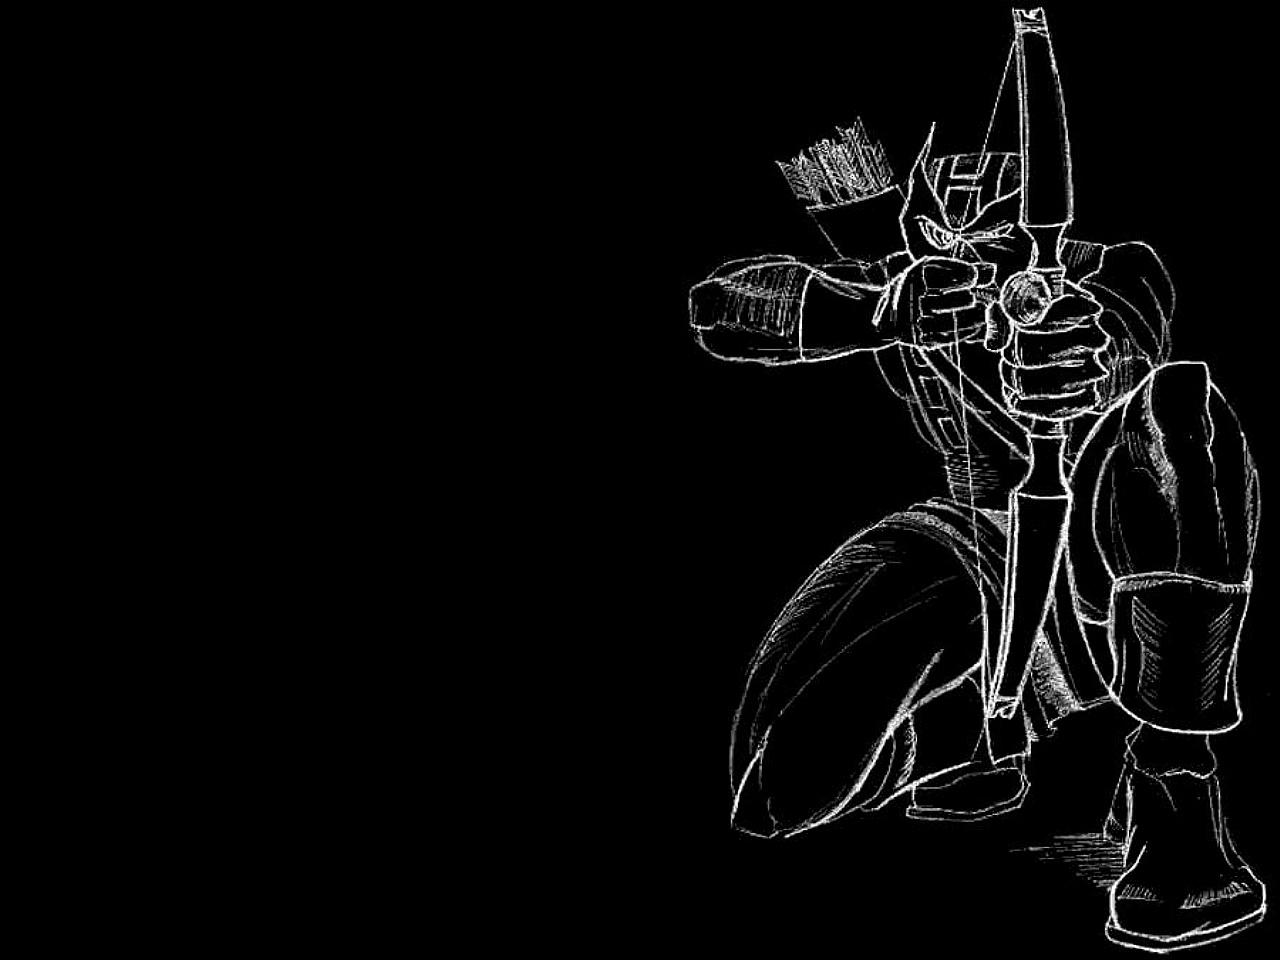 Hawkeye desktop wallpaper 1280x960